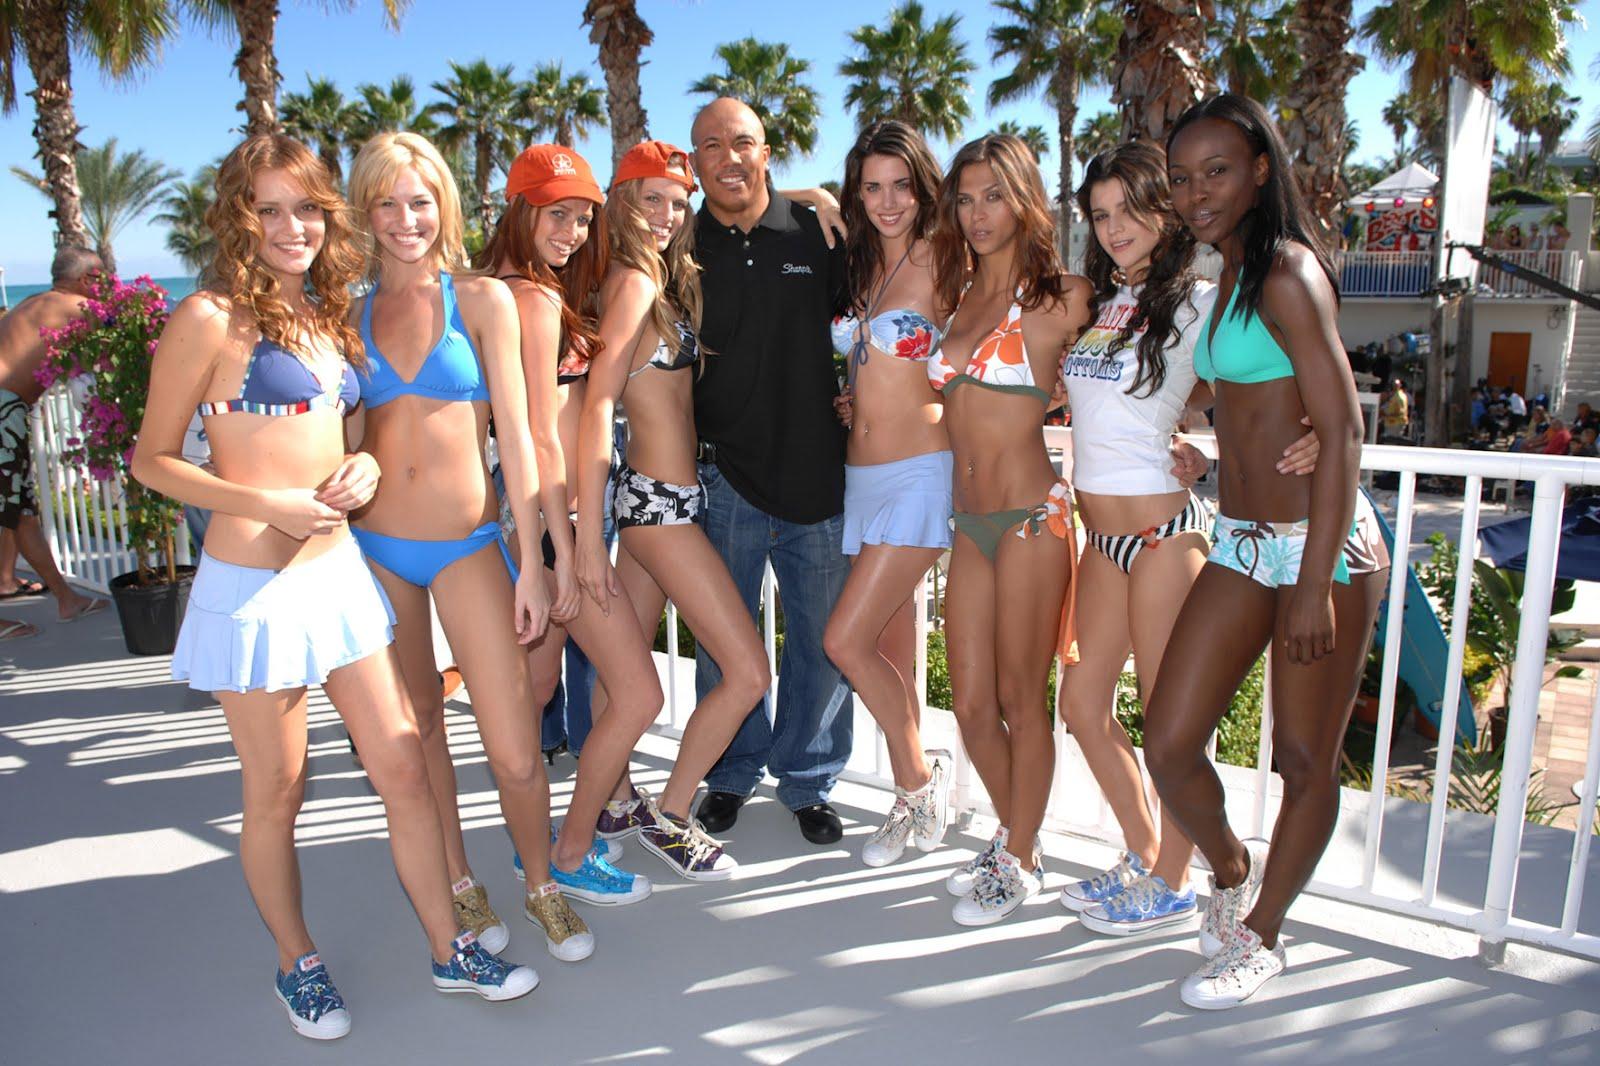 Mexico beach girls